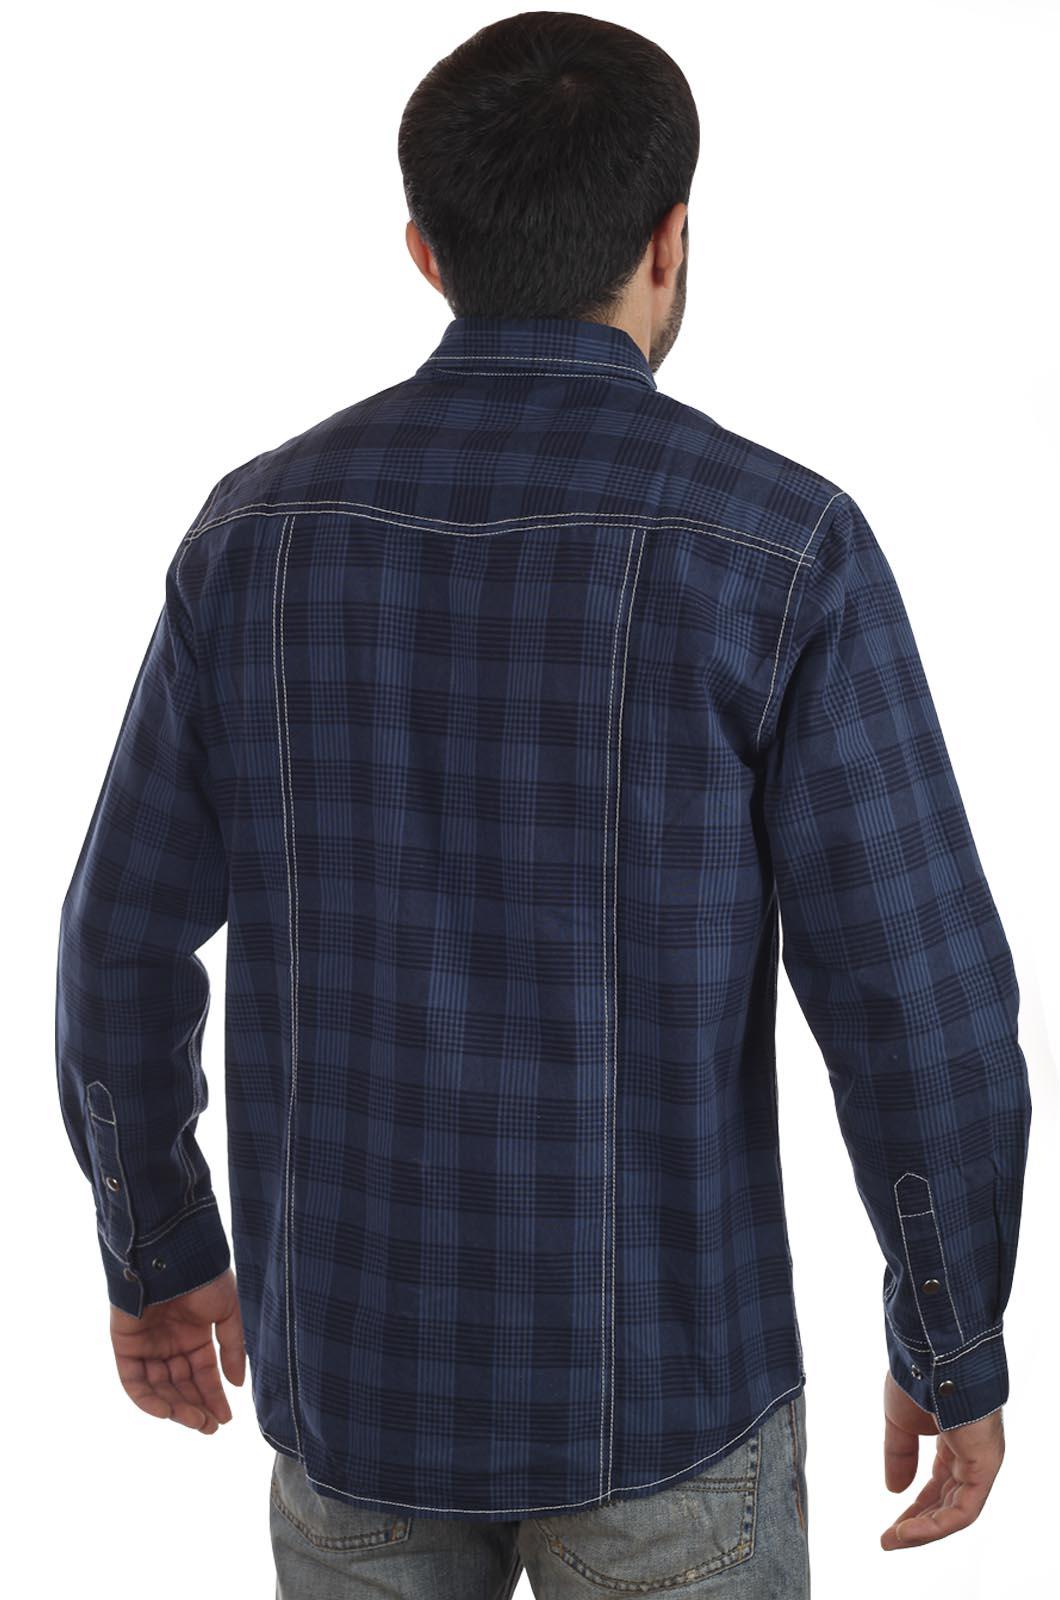 Мужская синяя рубашка от модного европейского бренда John Baner.